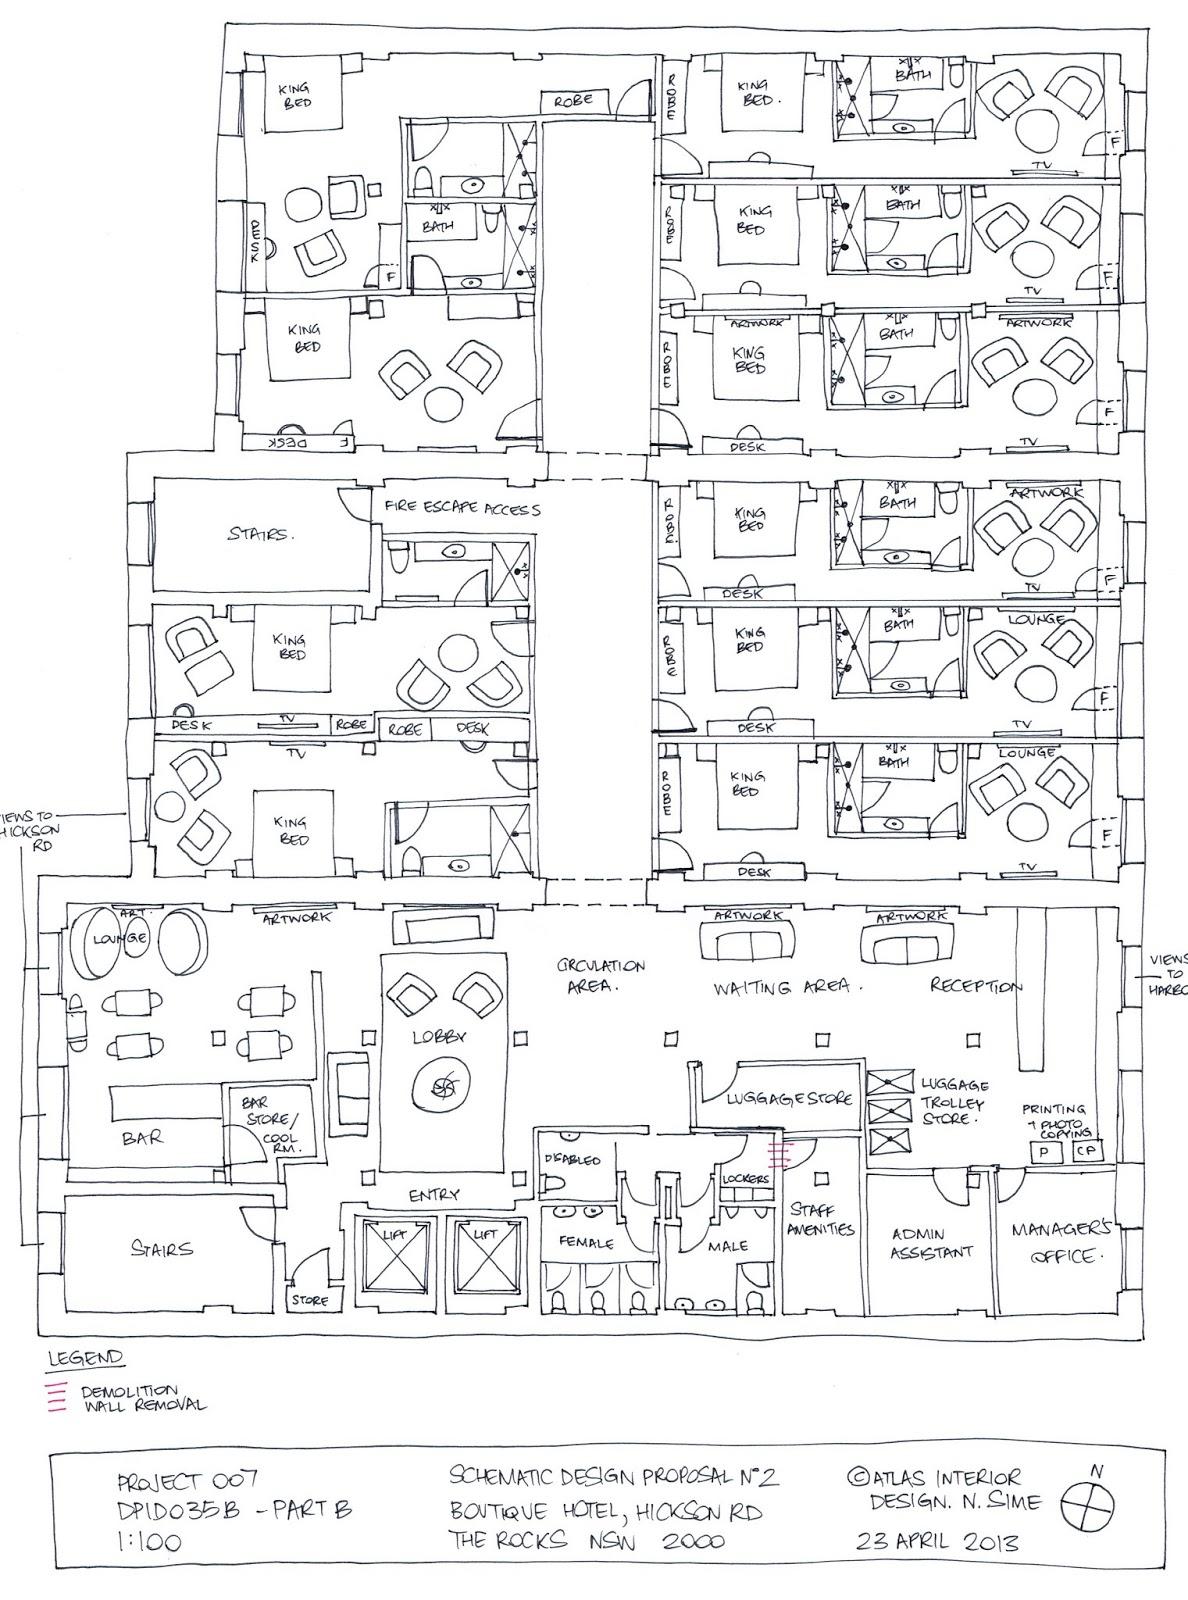 interiors  dpid035b complex brief      present schematic